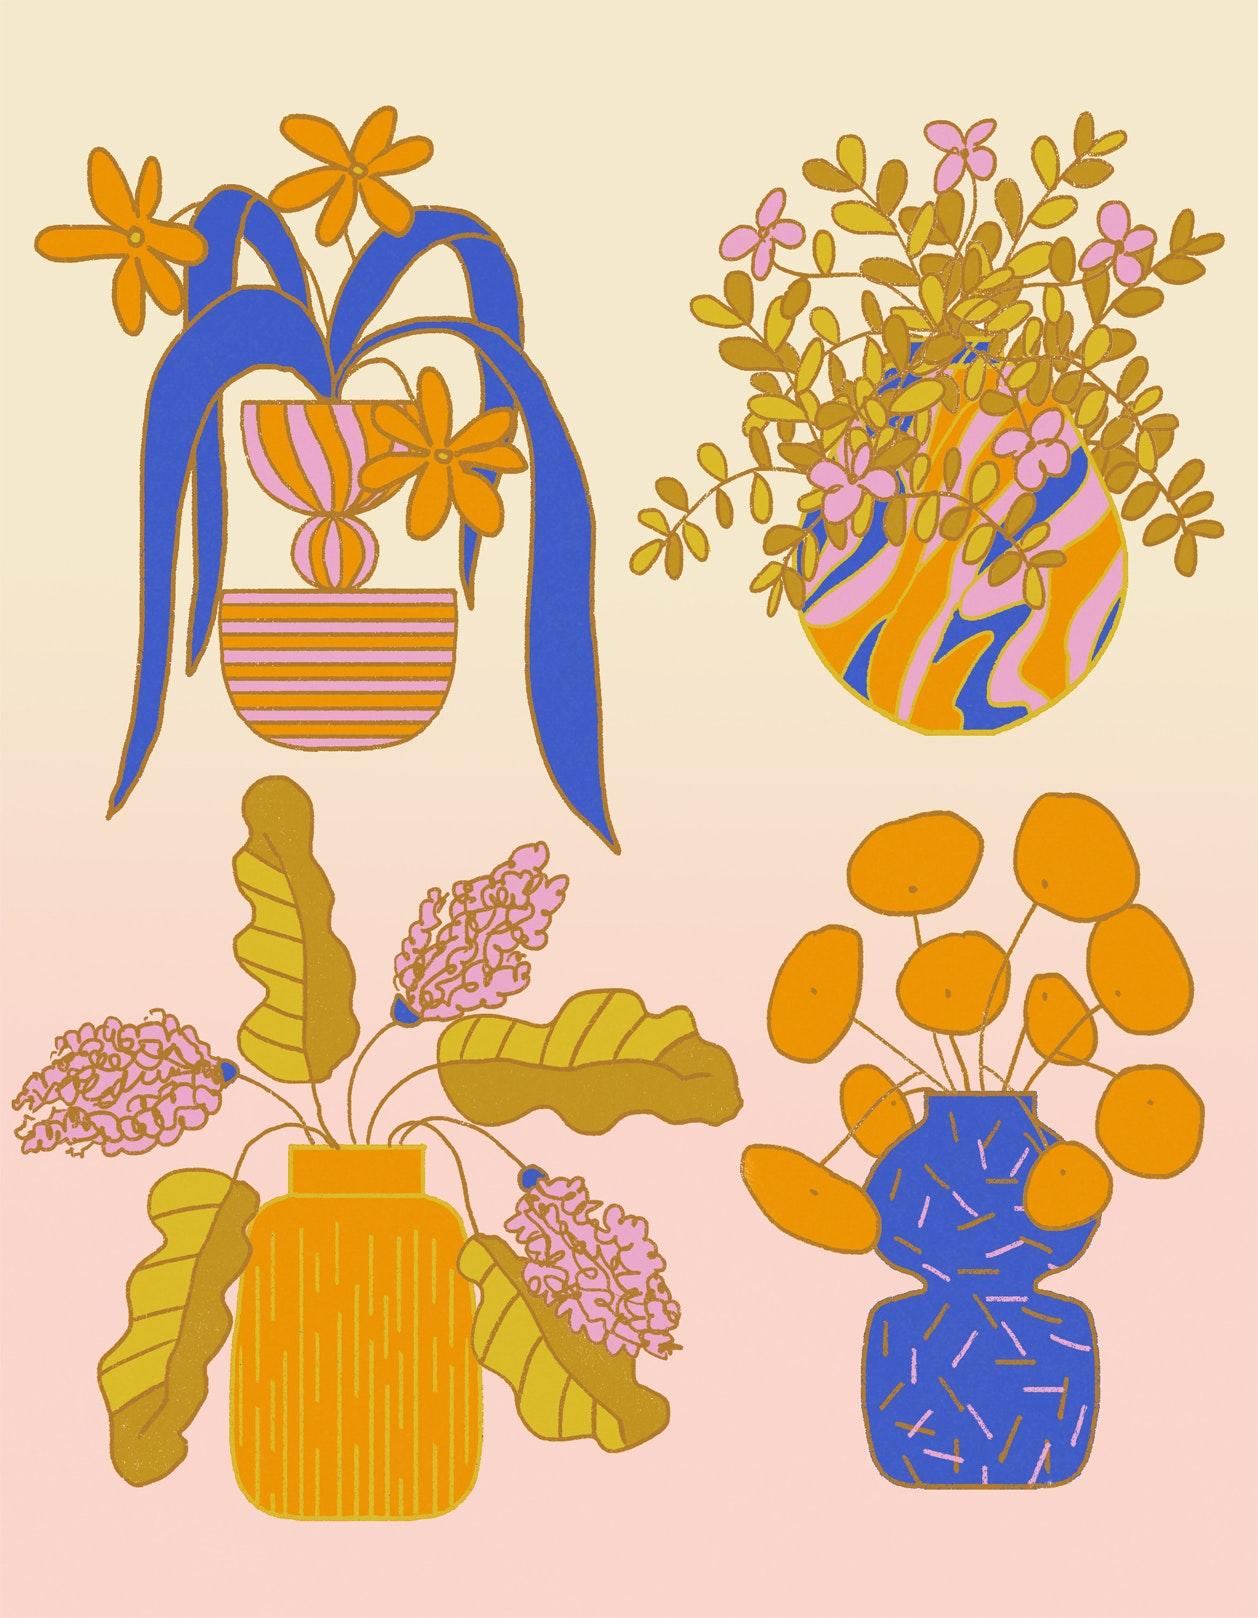 MILICA GOLUBOVIC - 4 vases web